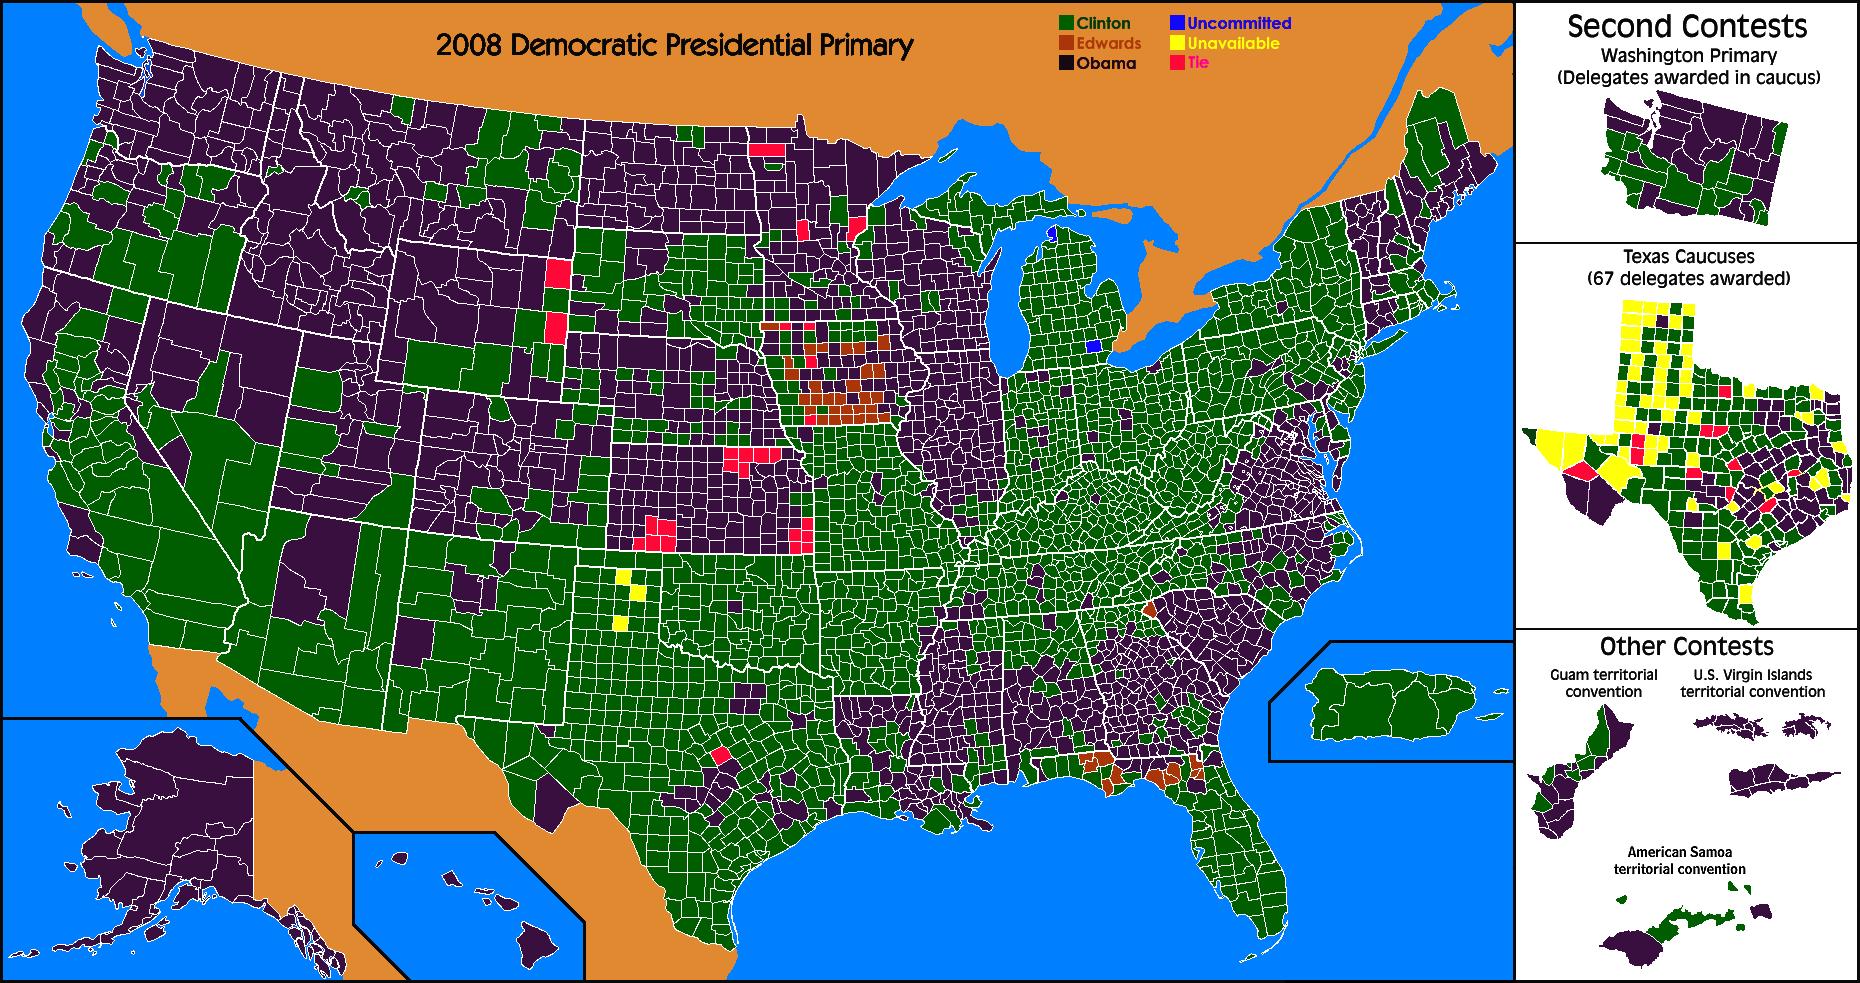 2008 Democratic primary